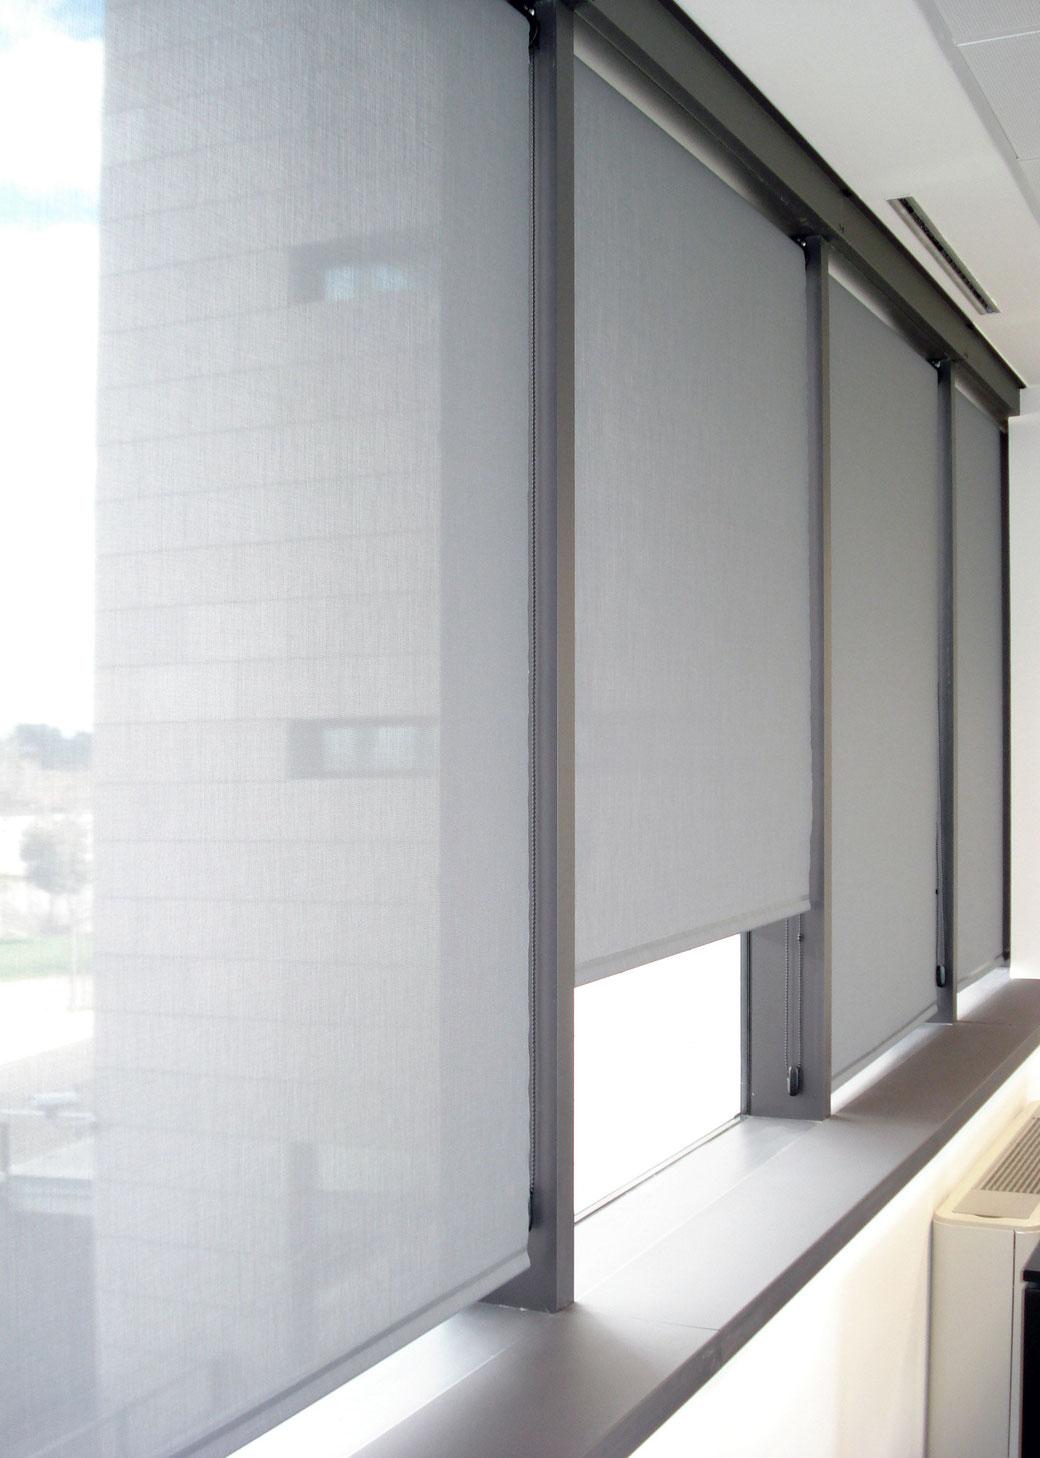 Al comprar casa, lo primero son las persianas